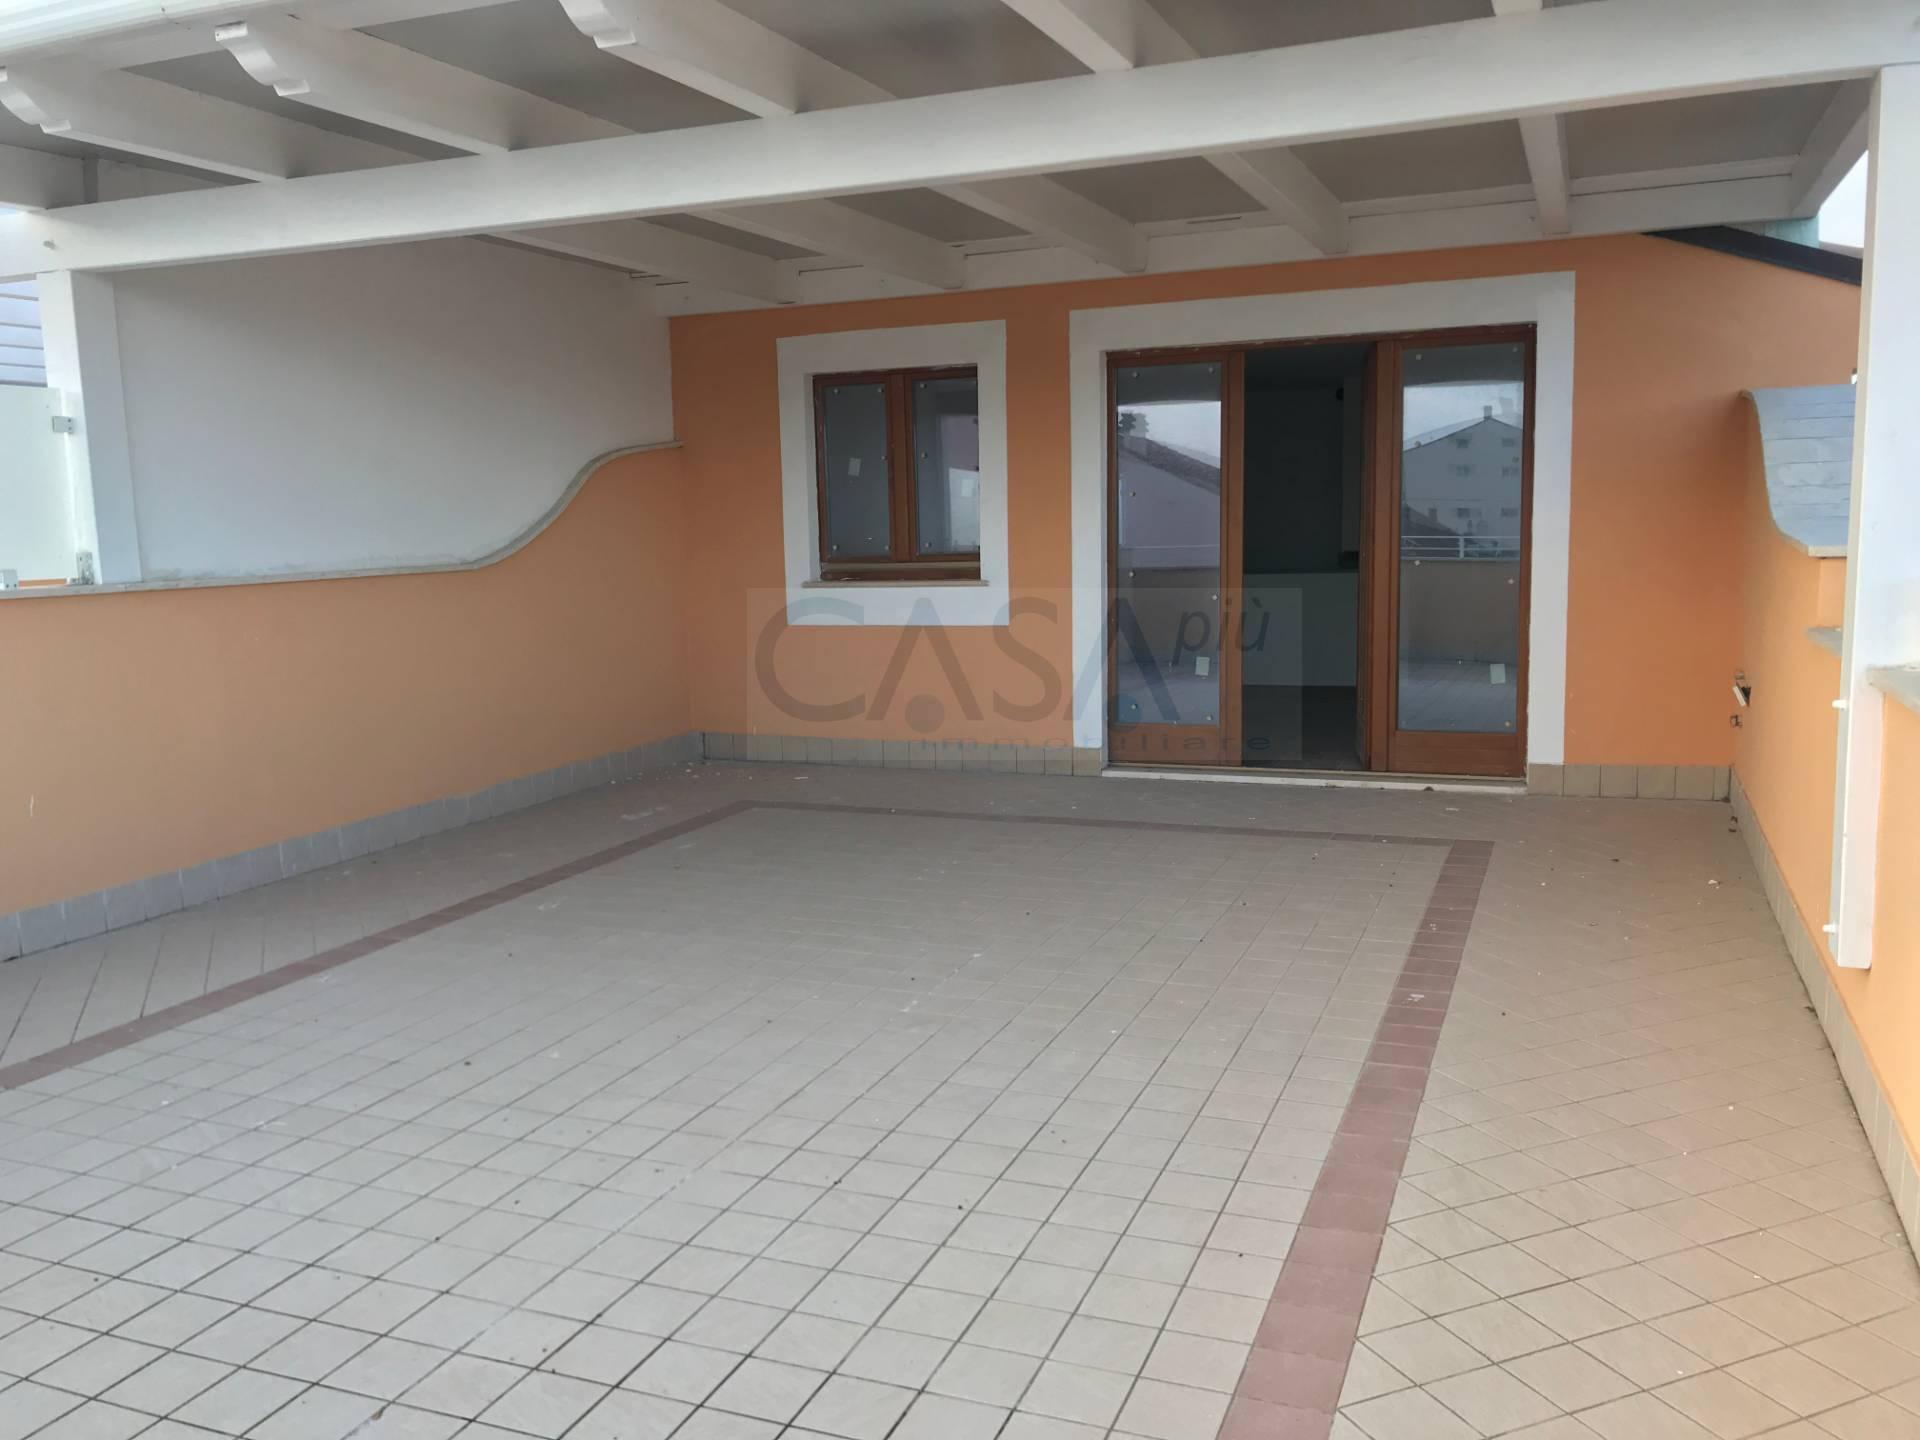 Appartamento in vendita a San Benedetto del Tronto, 4 locali, prezzo € 280.000   PortaleAgenzieImmobiliari.it